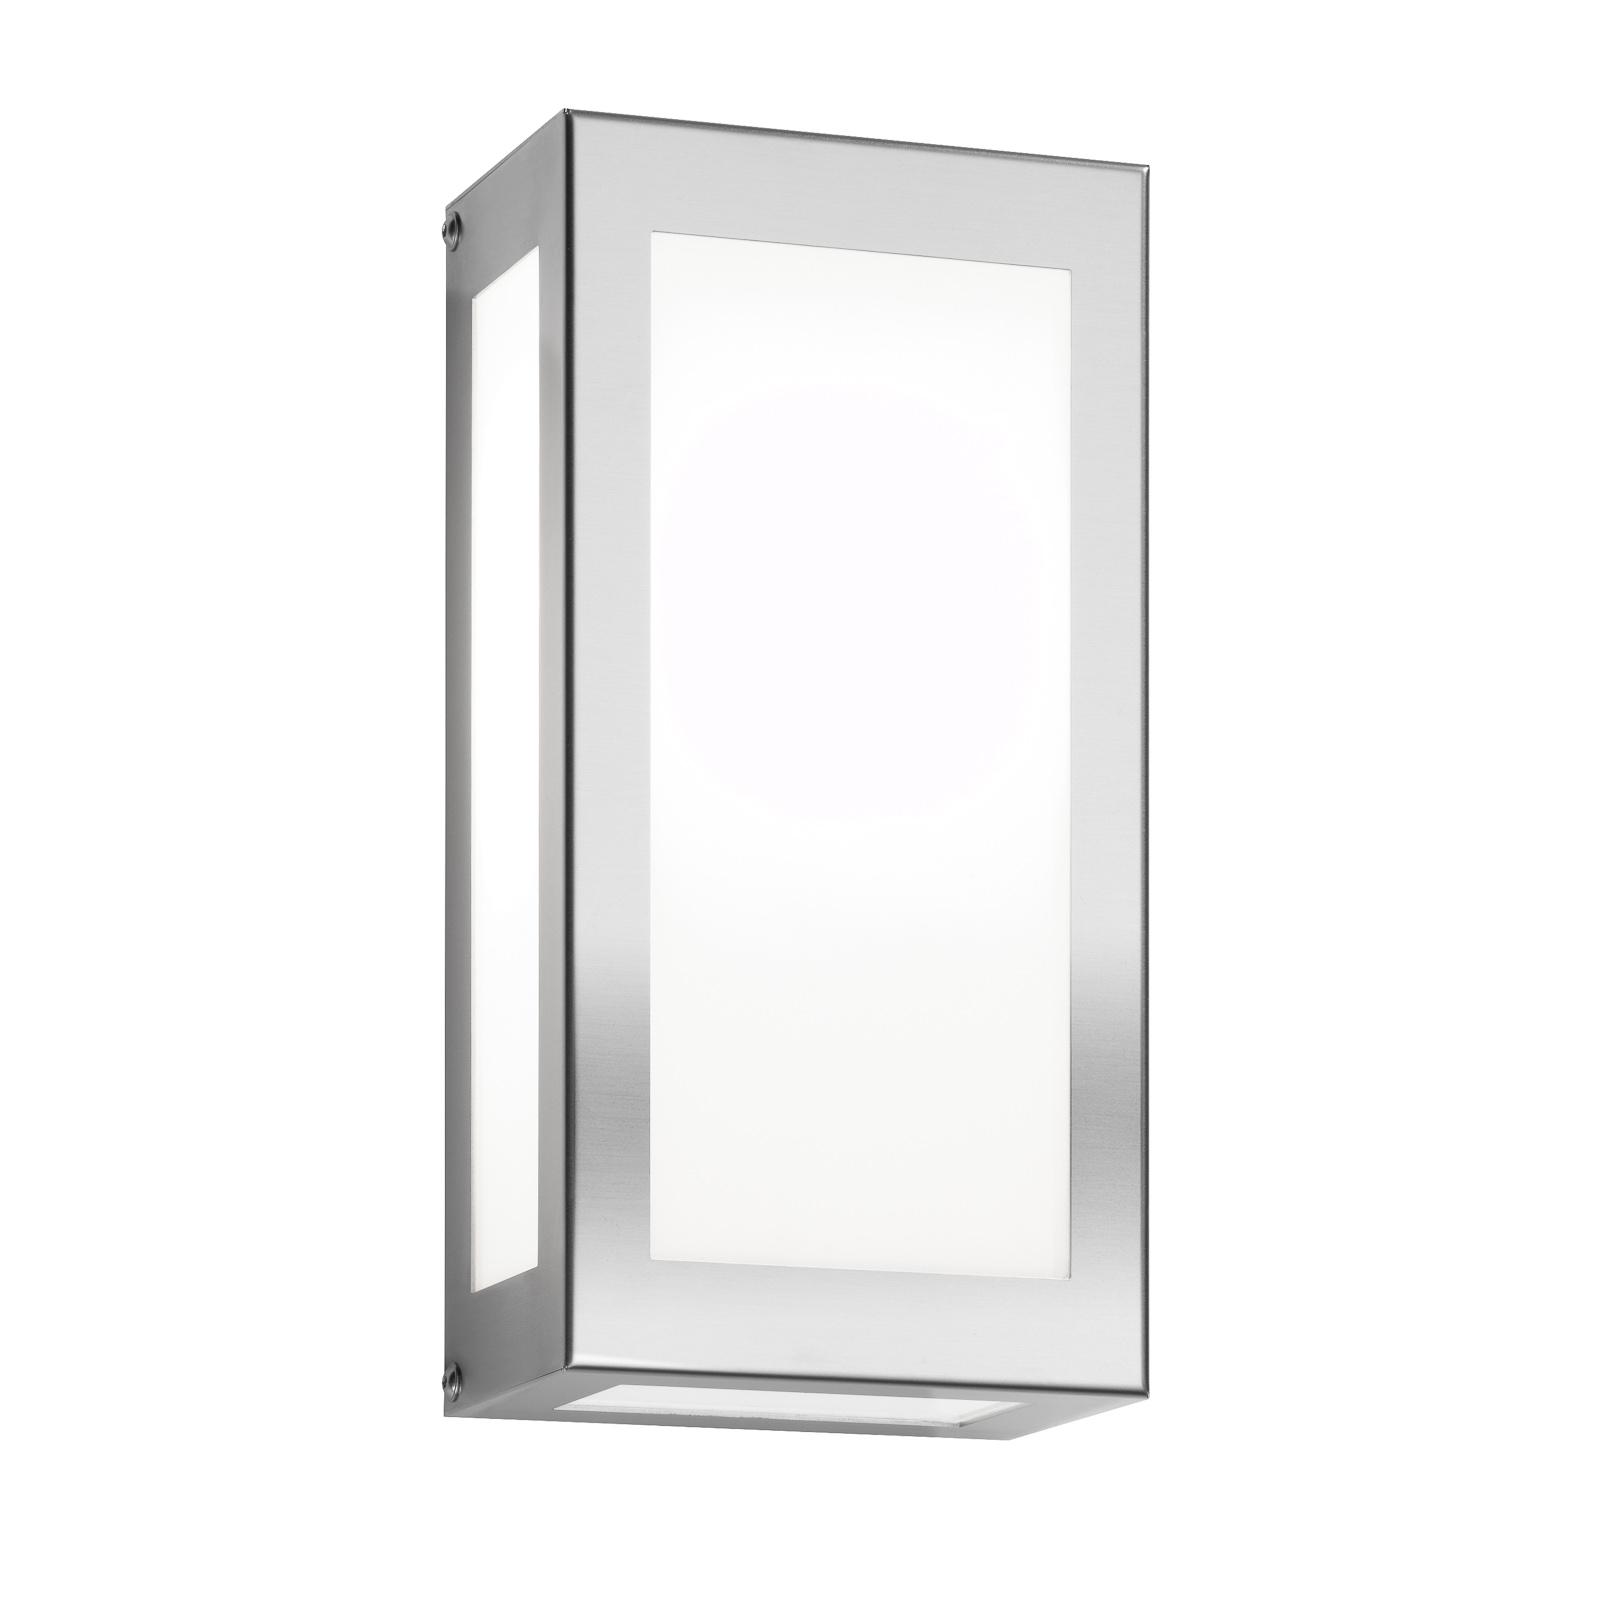 Lampada parete esterni LED Kina parallelepipedo